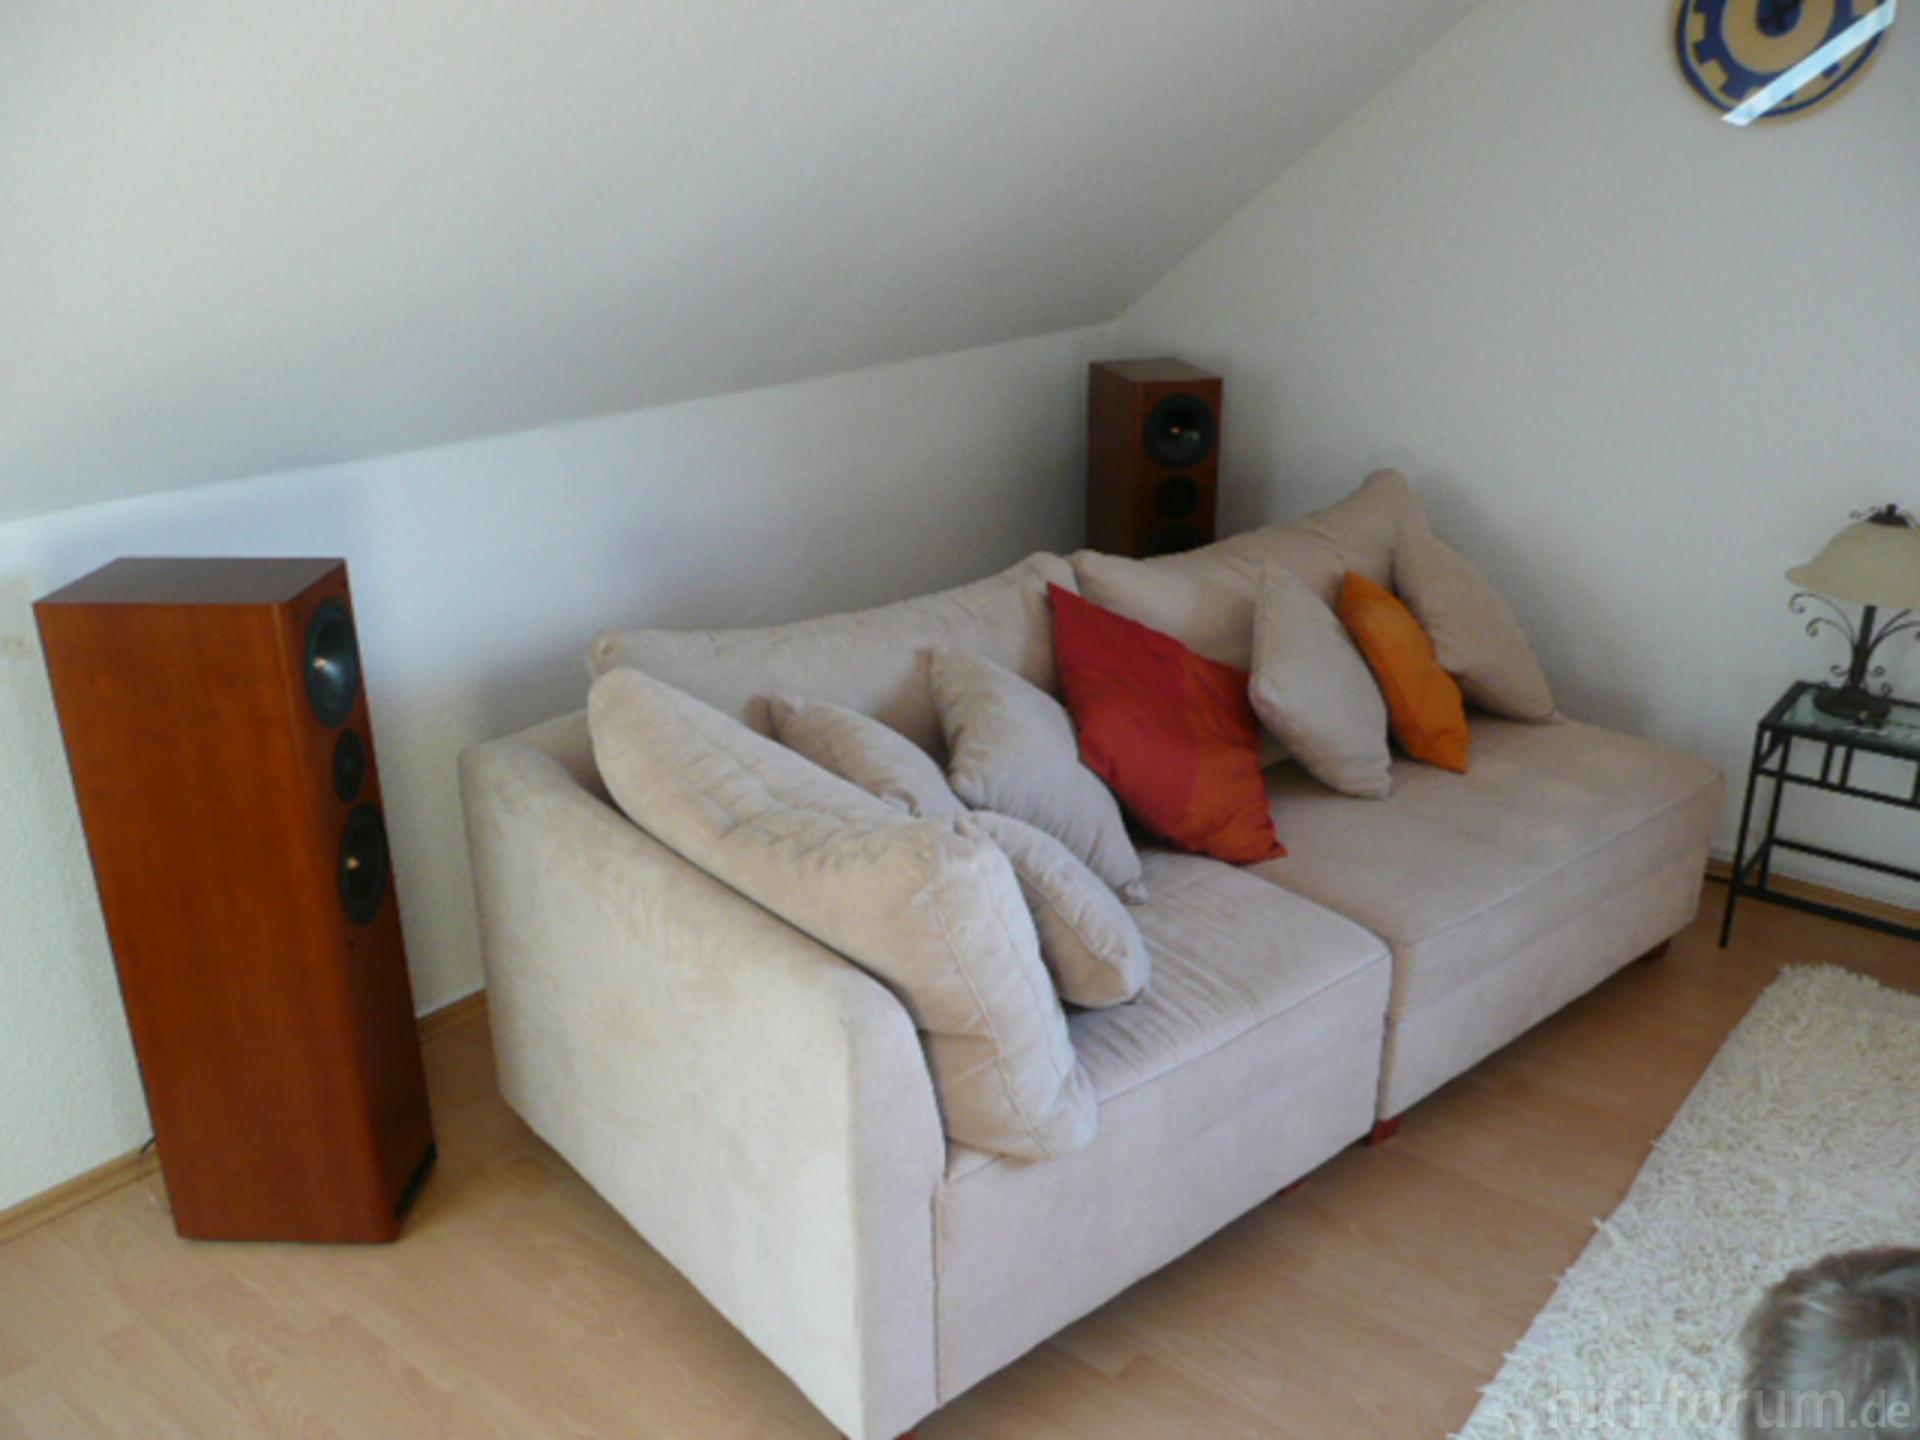 Mein neues Wohnzimmer! Hinten | asw, cantius, heimkino, surround ...